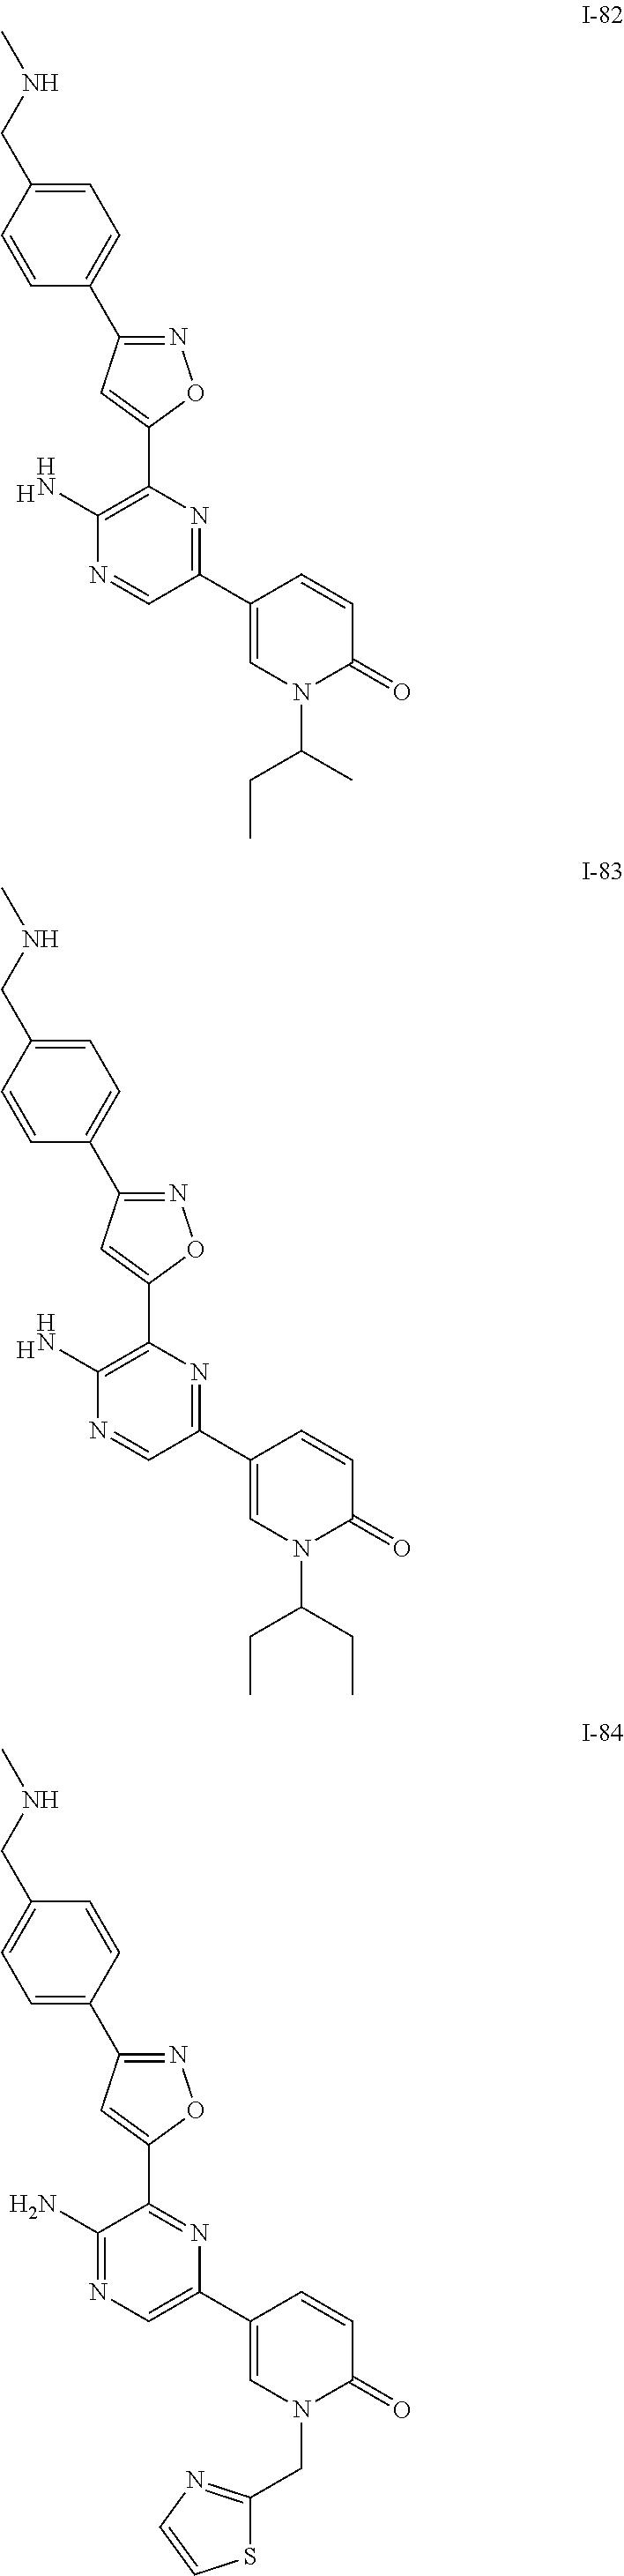 Figure US09630956-20170425-C00245